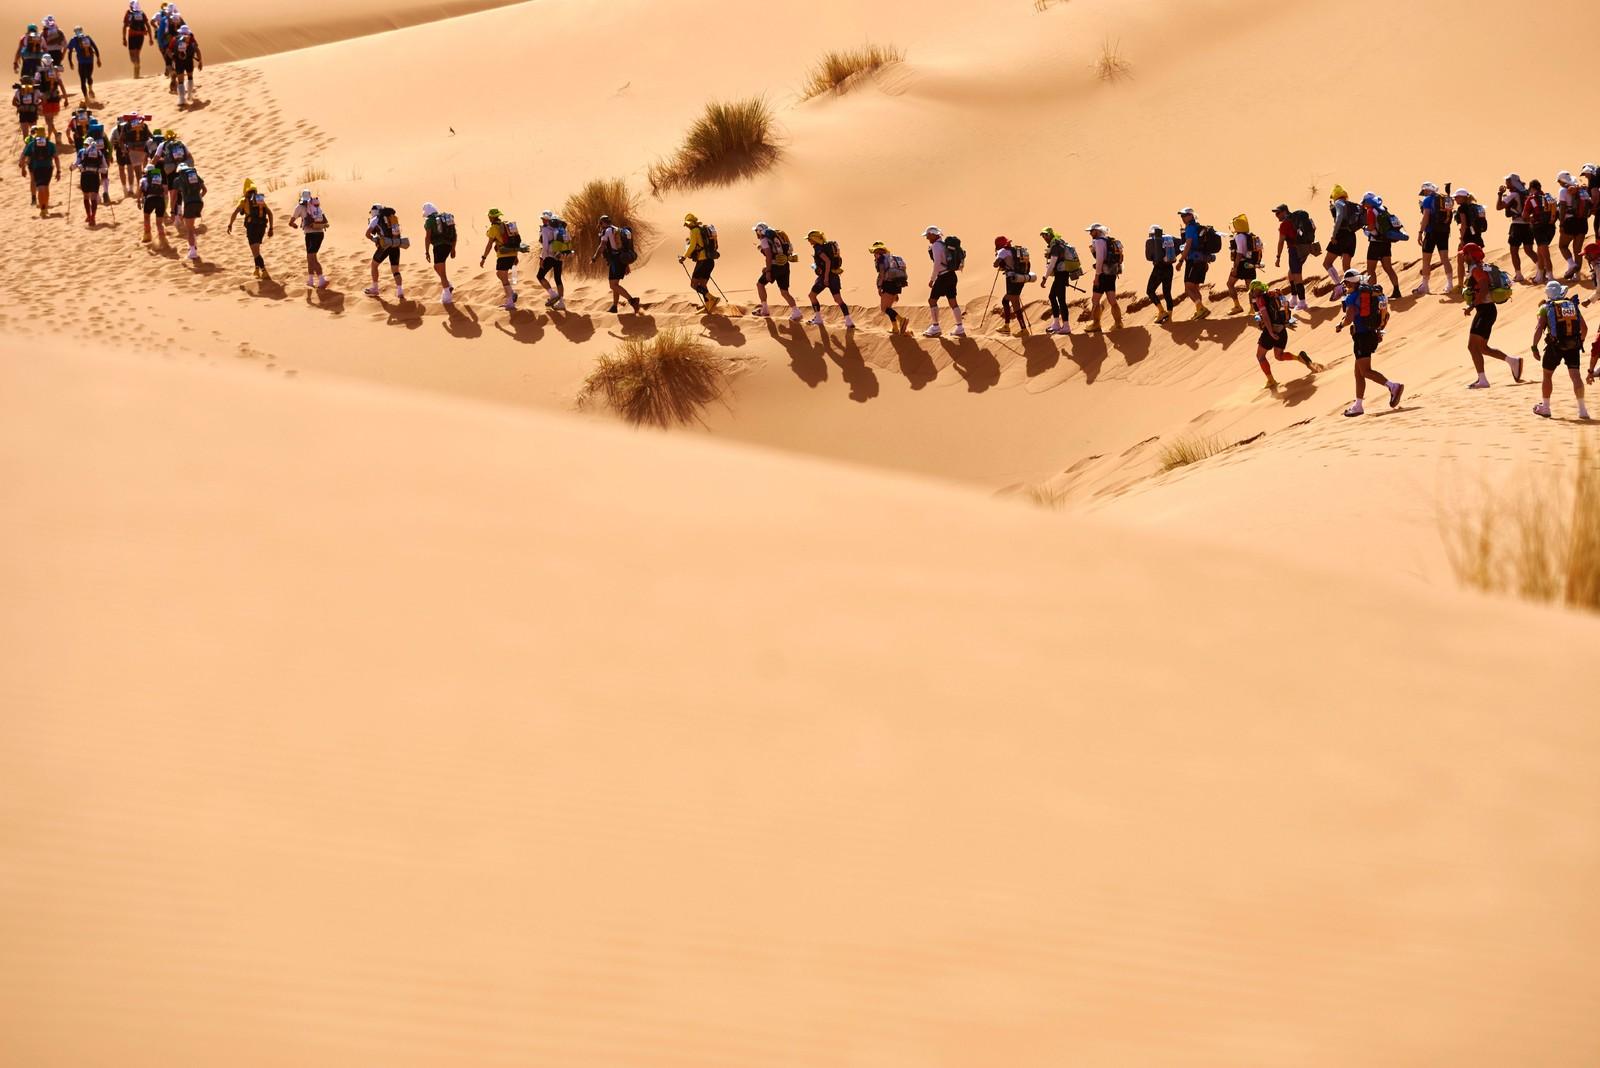 LANG, LANG REKKE: Deltakerne i ultraløpet Marathon des Sables som foregår i Saharaørkenen sør i Marokko. Løpet er 257 km langt og går over seks dager. Deltakerne må bære med seg alt de trenger for å gjennomføre løpet, deriblant mat, i en sekk på ryggen, bortsett fra vann. Marathon des Sables blir regnet for å være verdens tøffeste løp. .